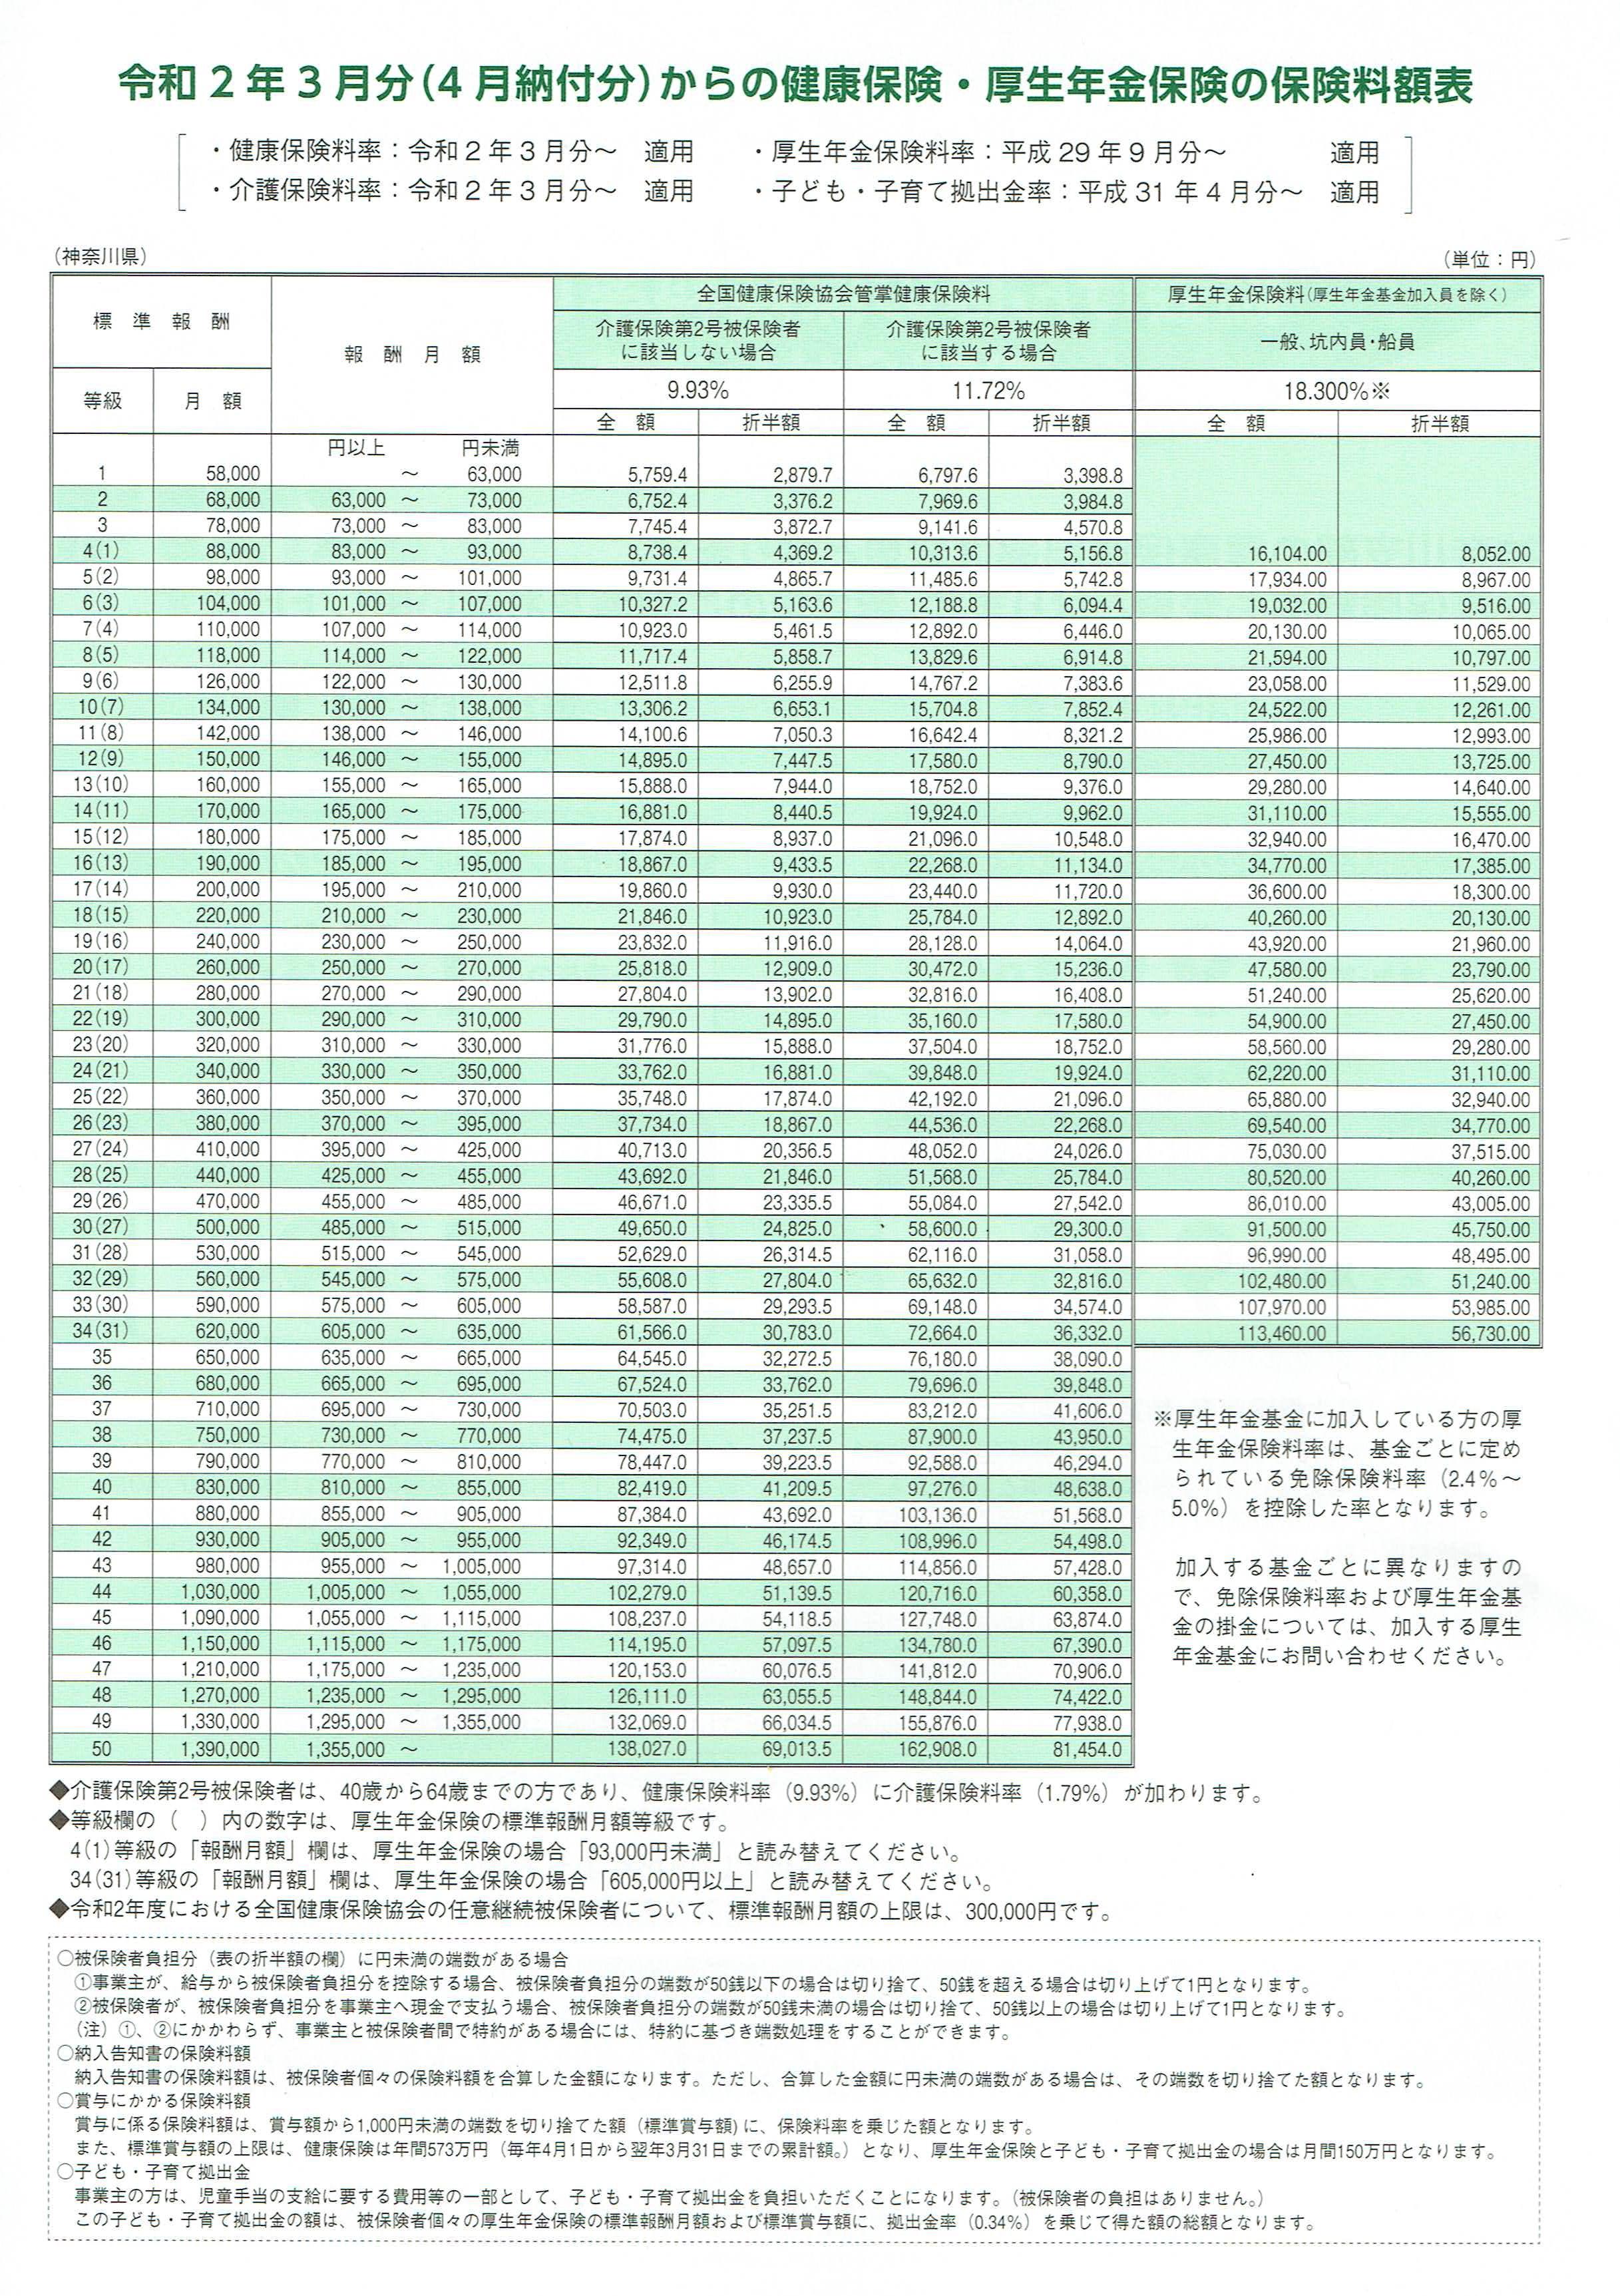 健康保険・厚生年金保険料